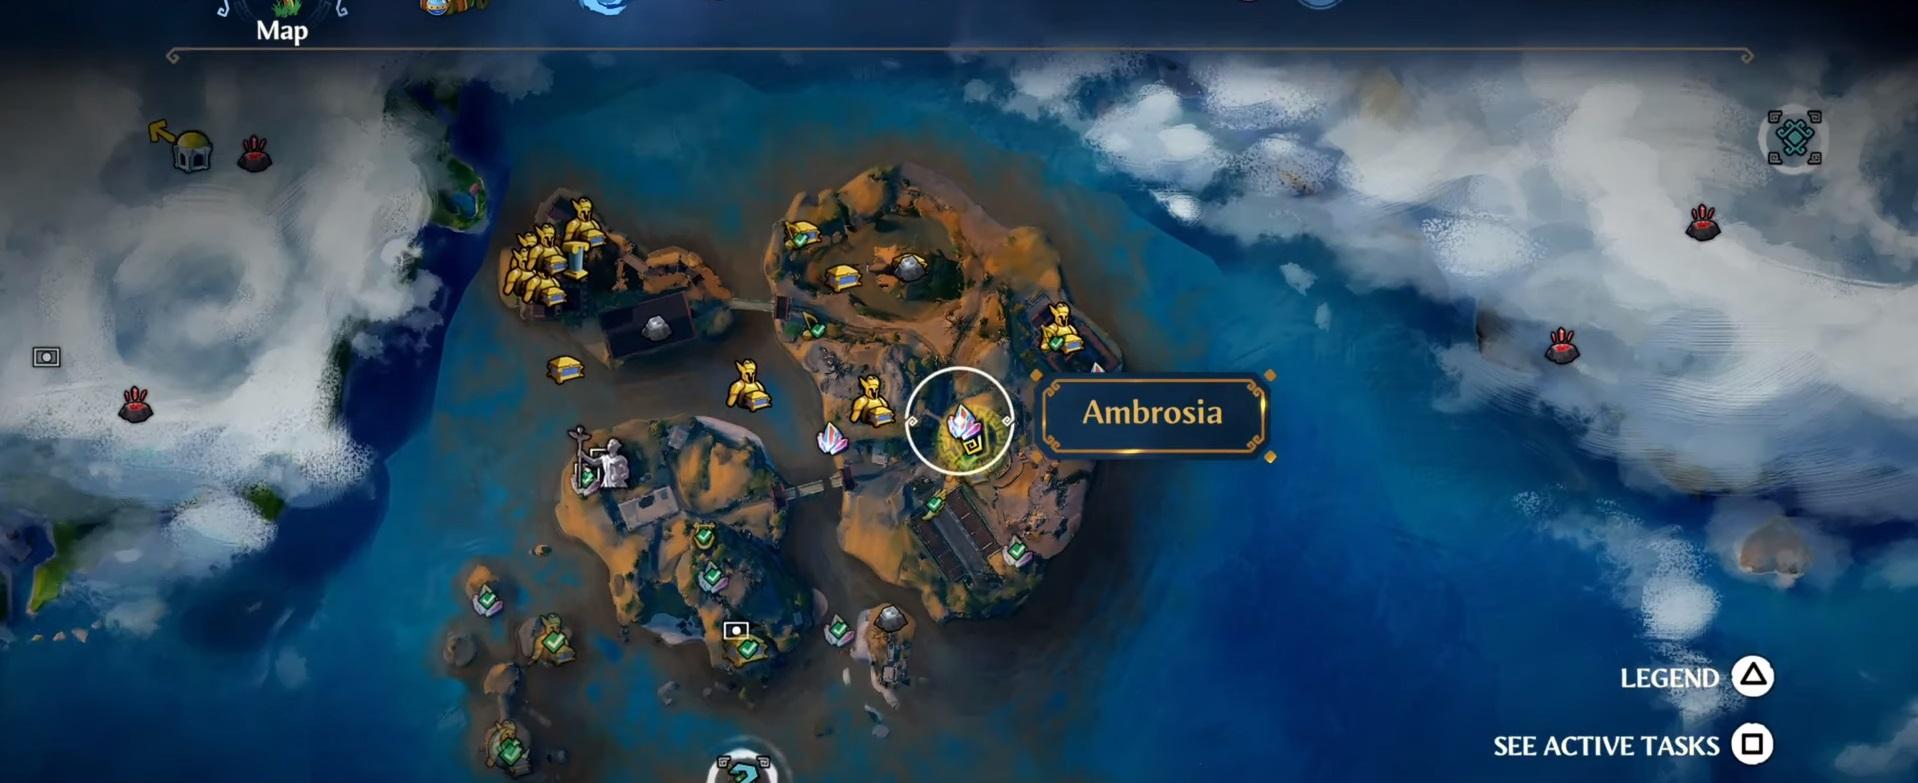 immortals Fenyx Rising Ambrosia 6